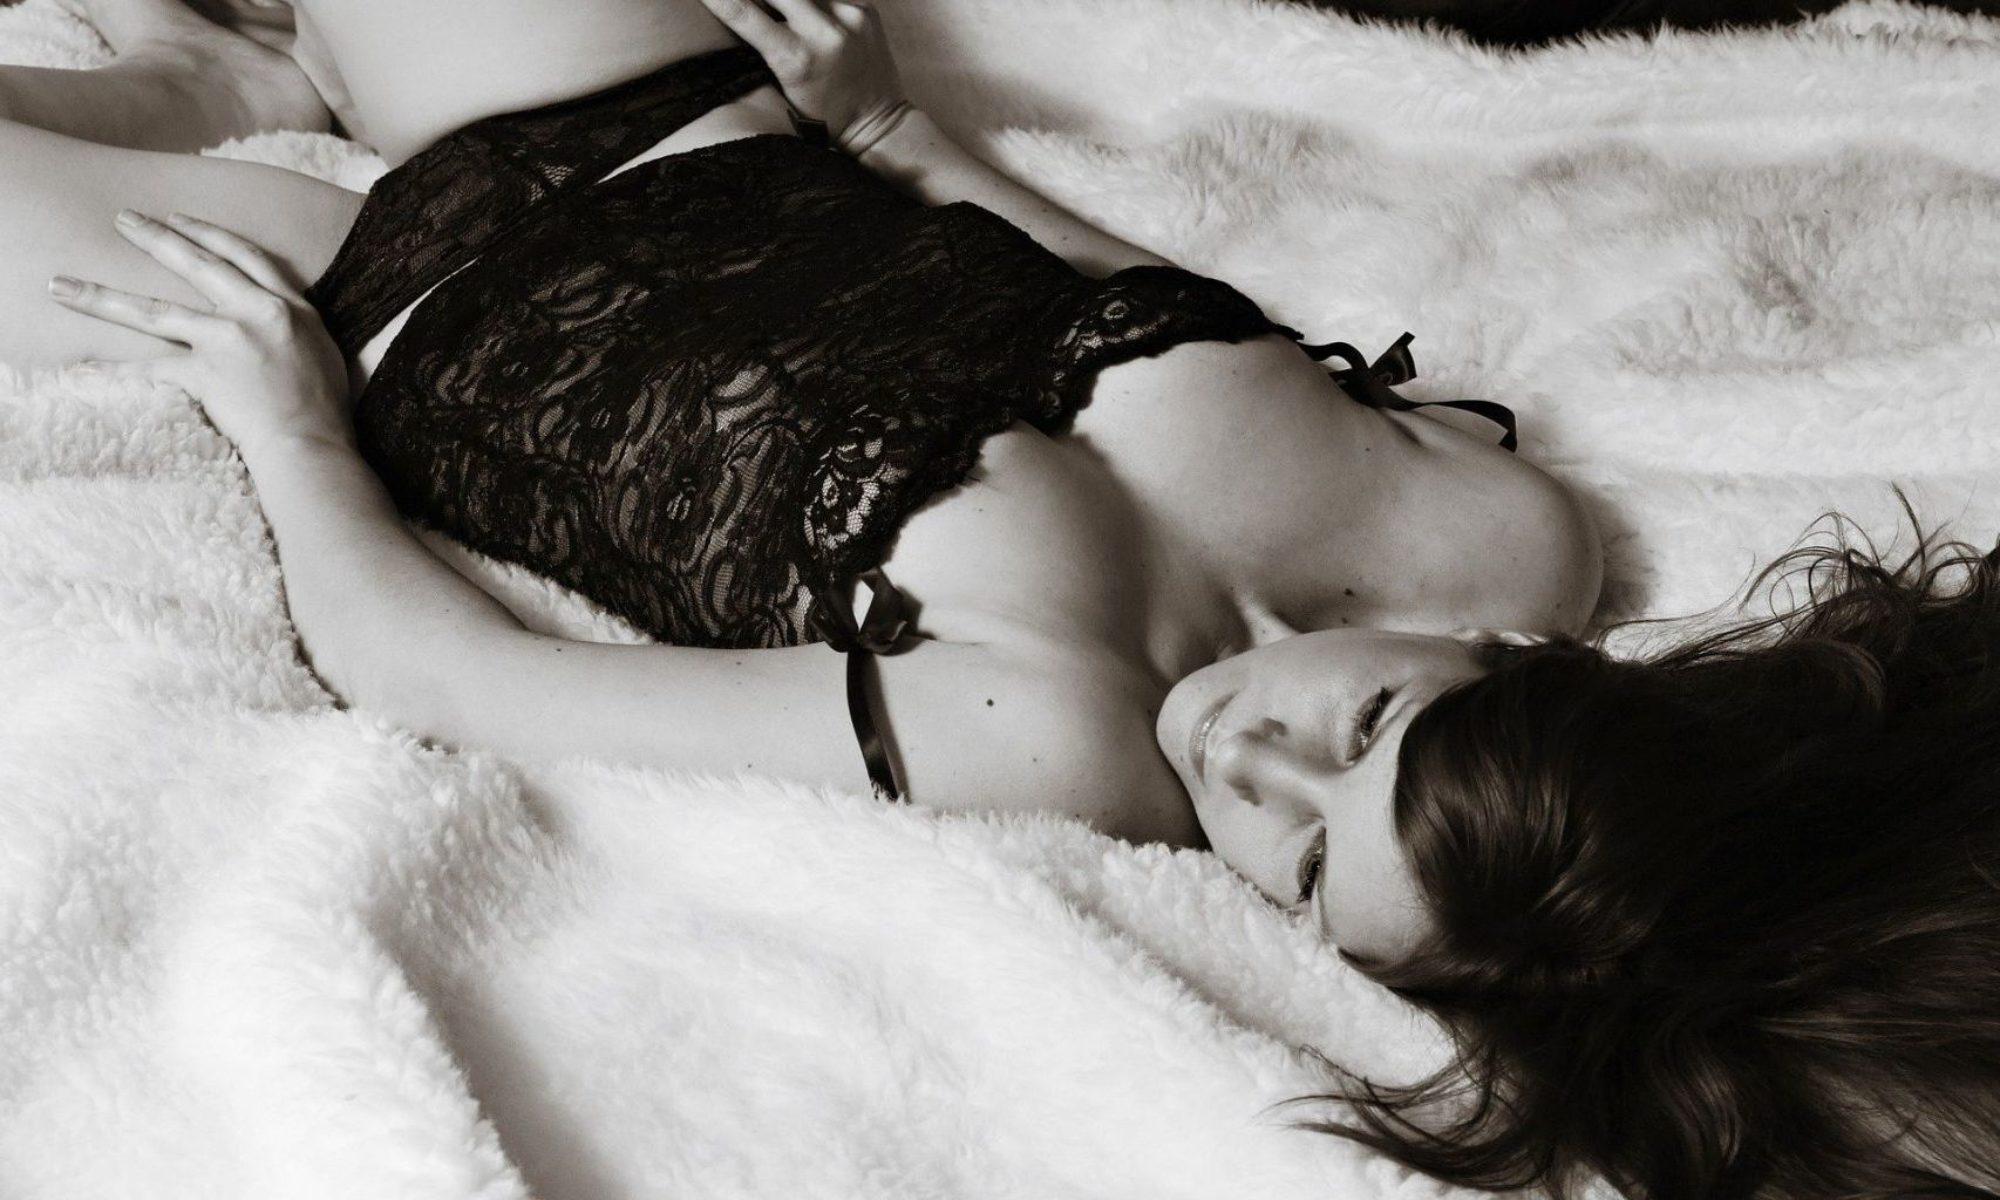 Erotikanzeigen